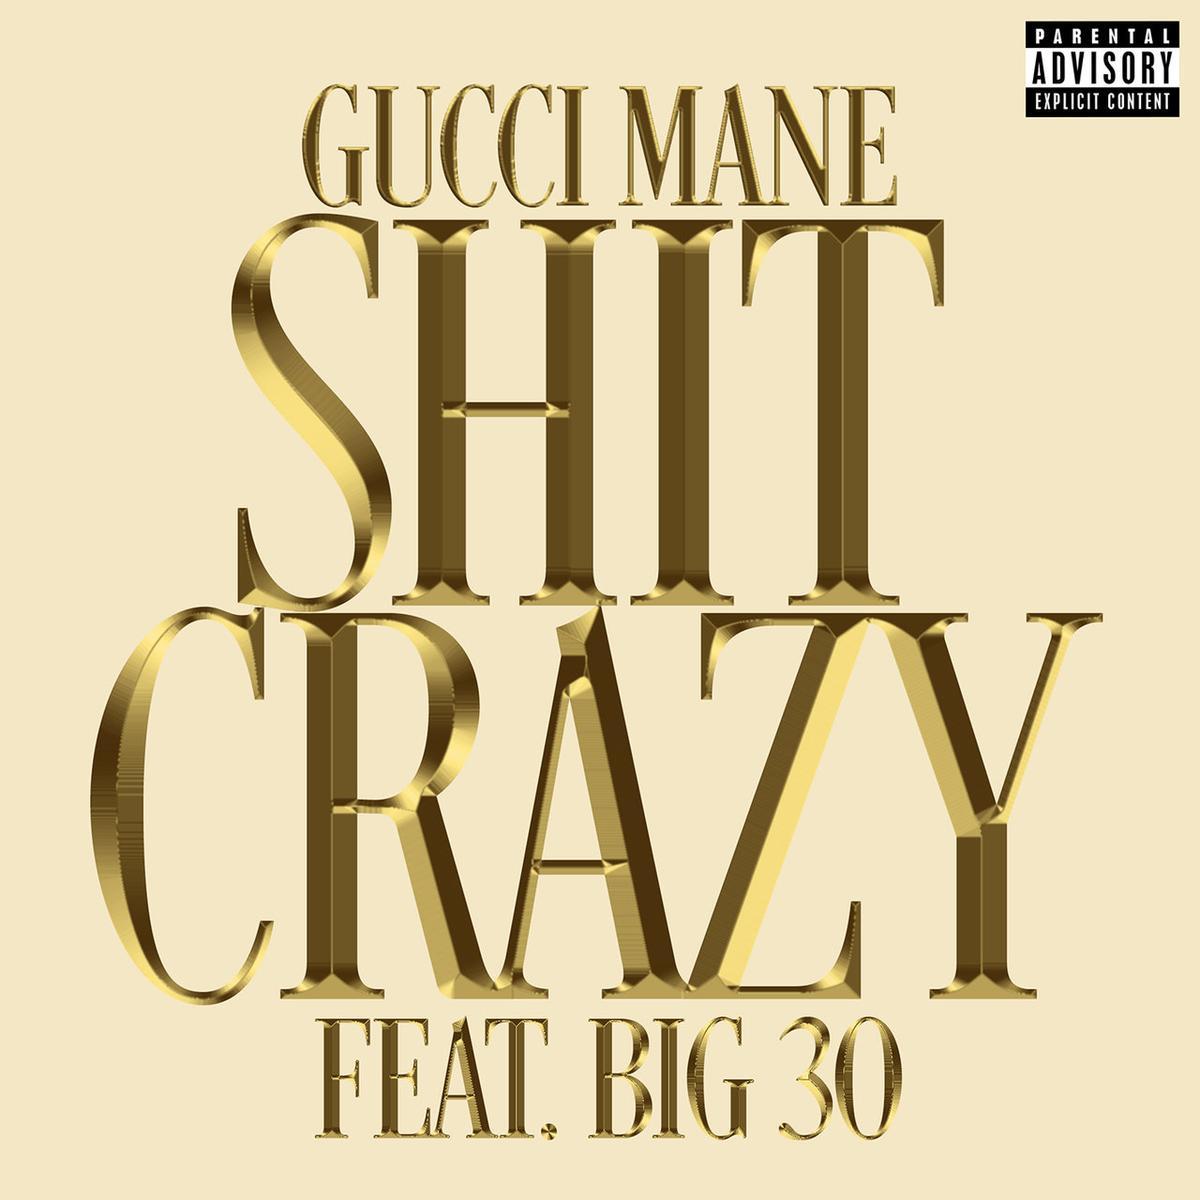 Gucci Mane - Sh*t Crazy Ft. BIG30